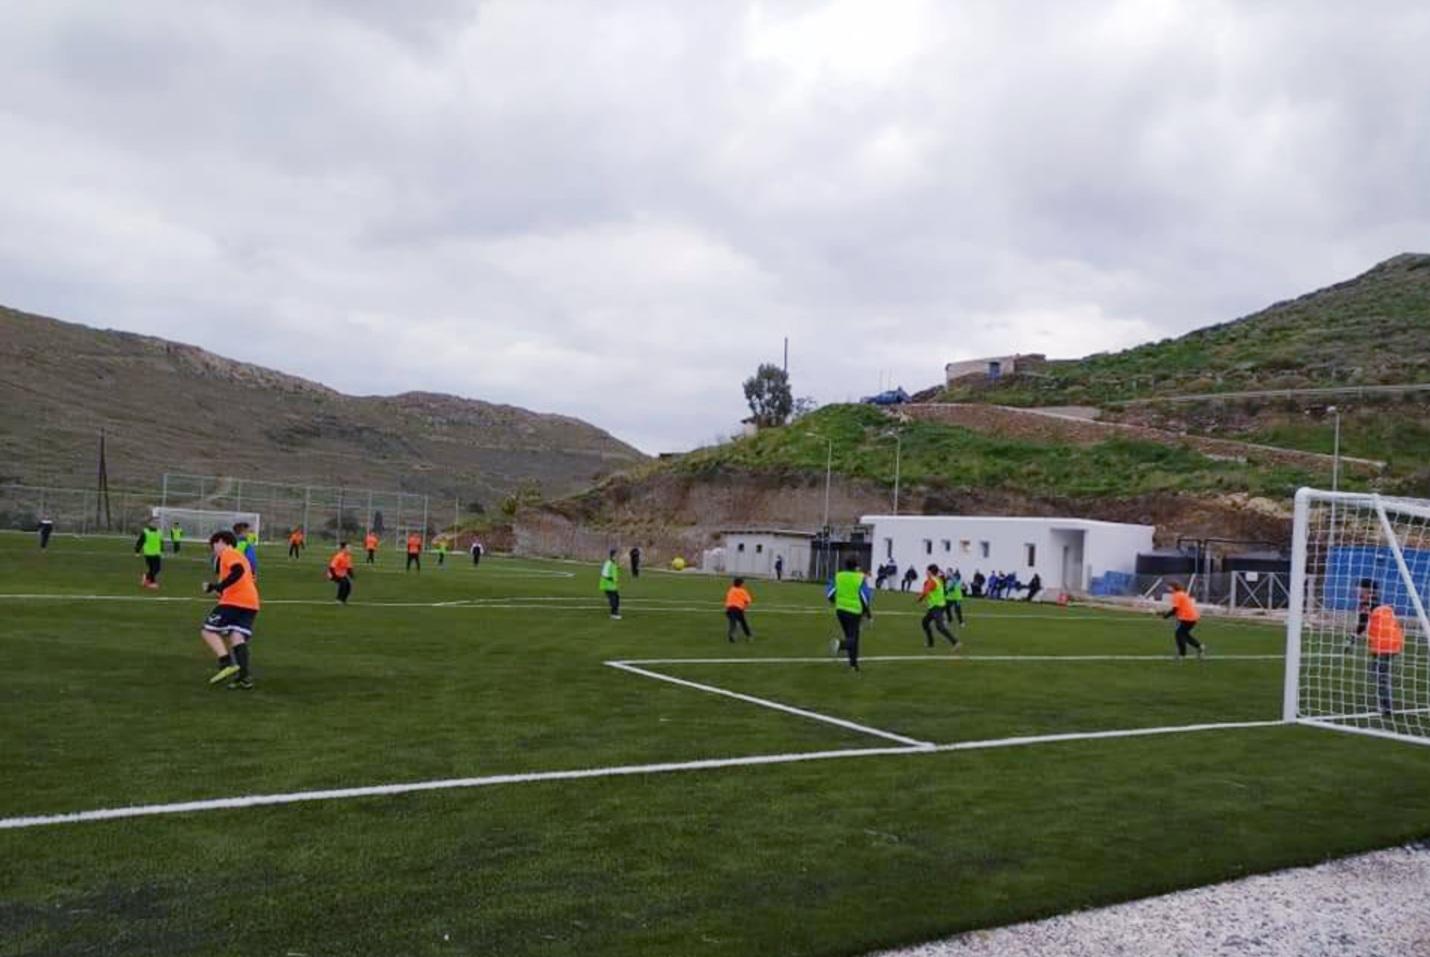 Περιφέρεια Νοτίου Αιγαίου: Τοποθέτηση ηλεκτροφωτισμού στο γήπεδο της Κύθνου